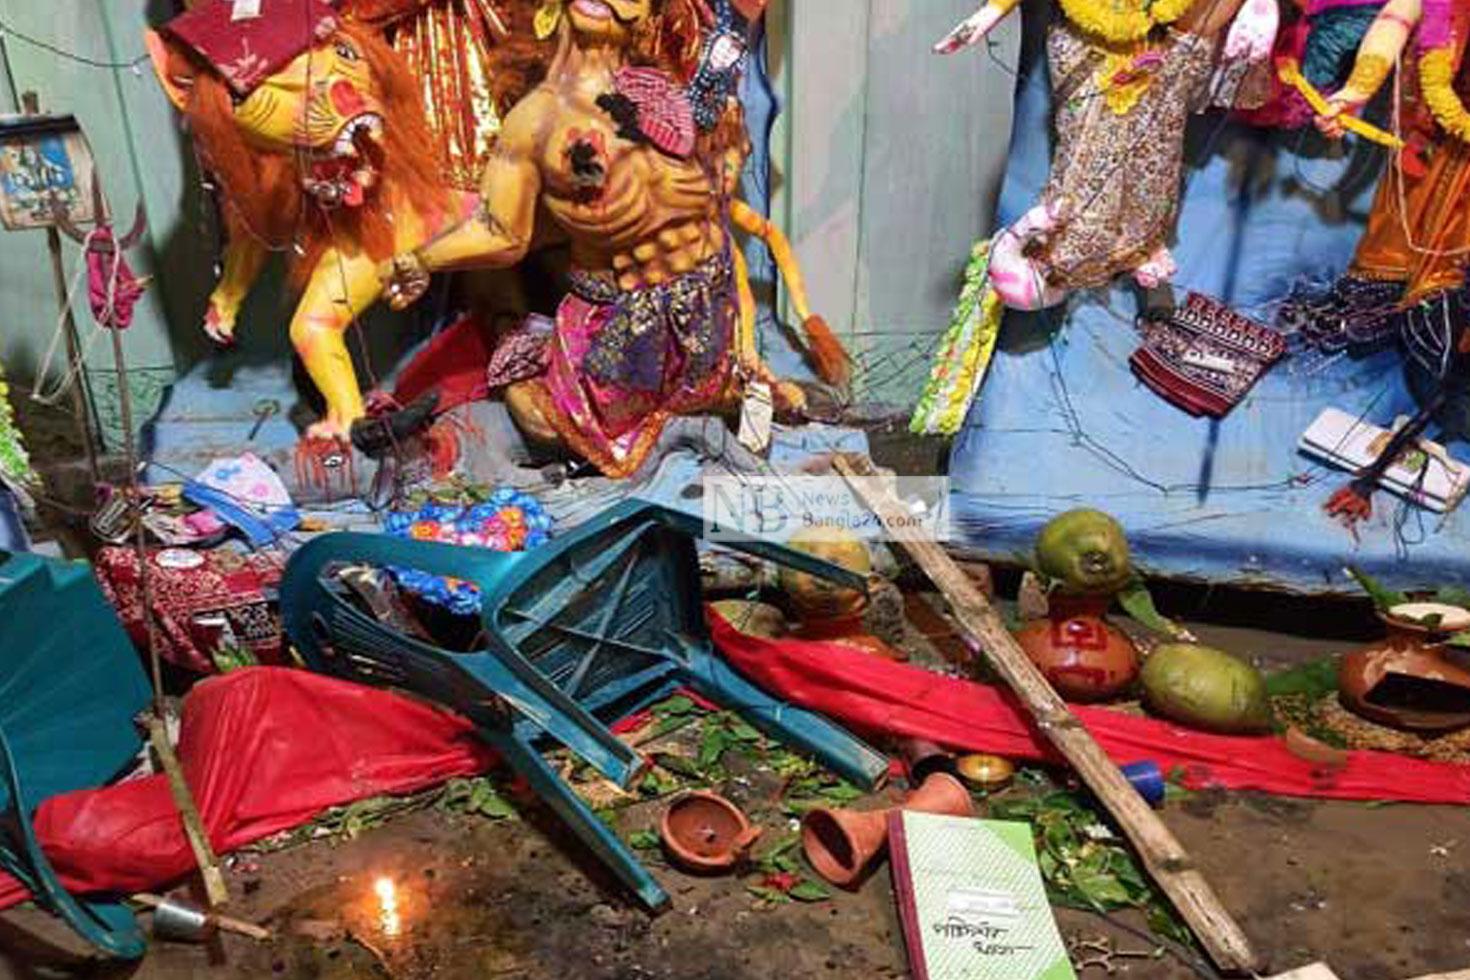 মণ্ডপে হামলা: পুলিশের বিরুদ্ধে মামলা না নেয়ার অভিযোগ